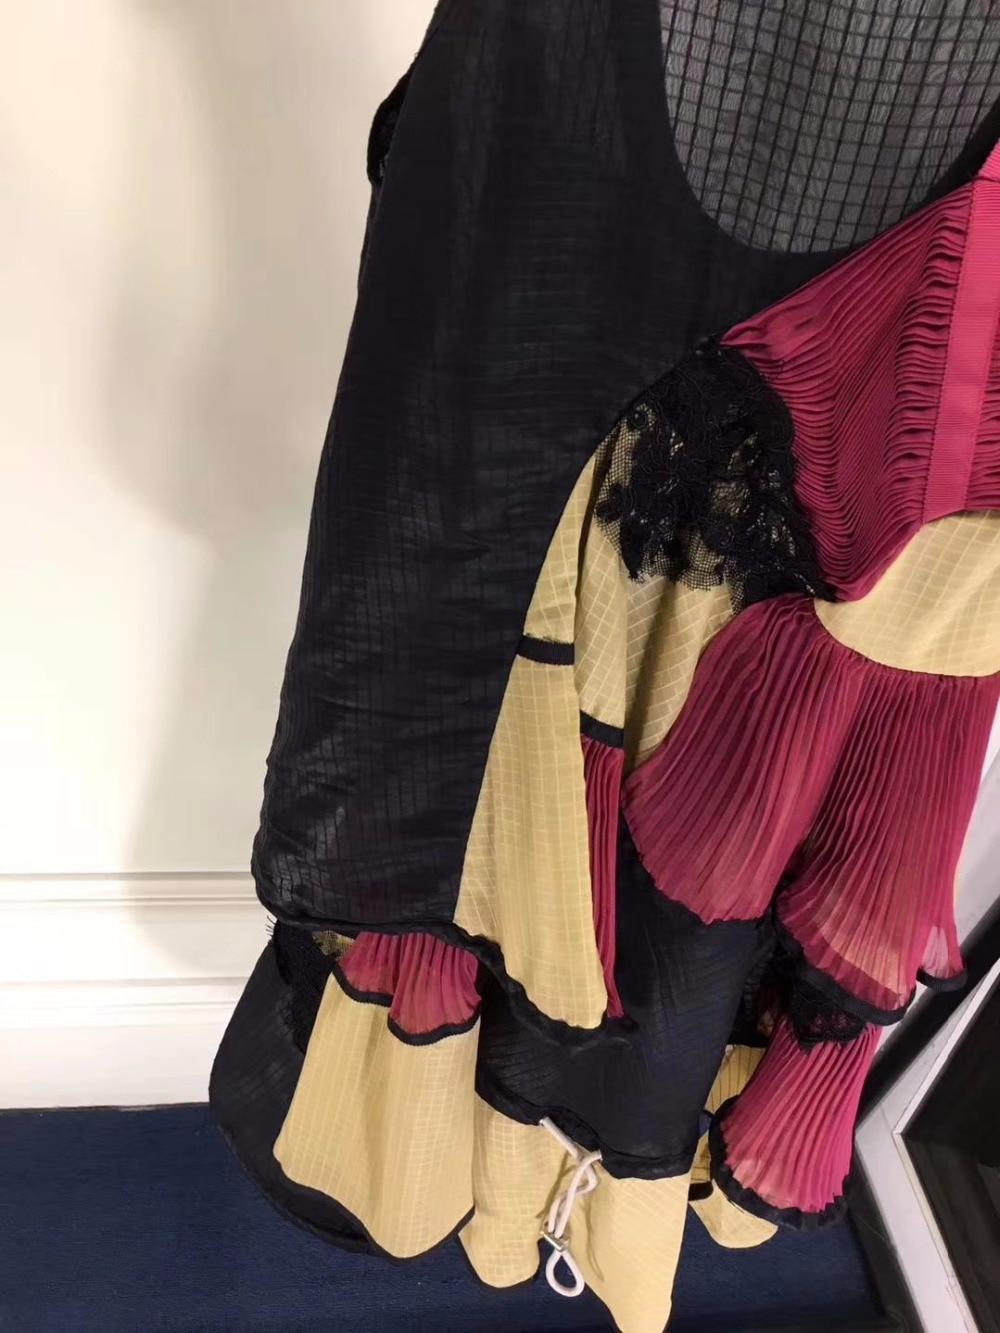 A nova moda vestido feminino de alta qualidade populares vestidos de verão para as mulheres vestido de festa ruffle femme robe ete 2018 do vintage - 4